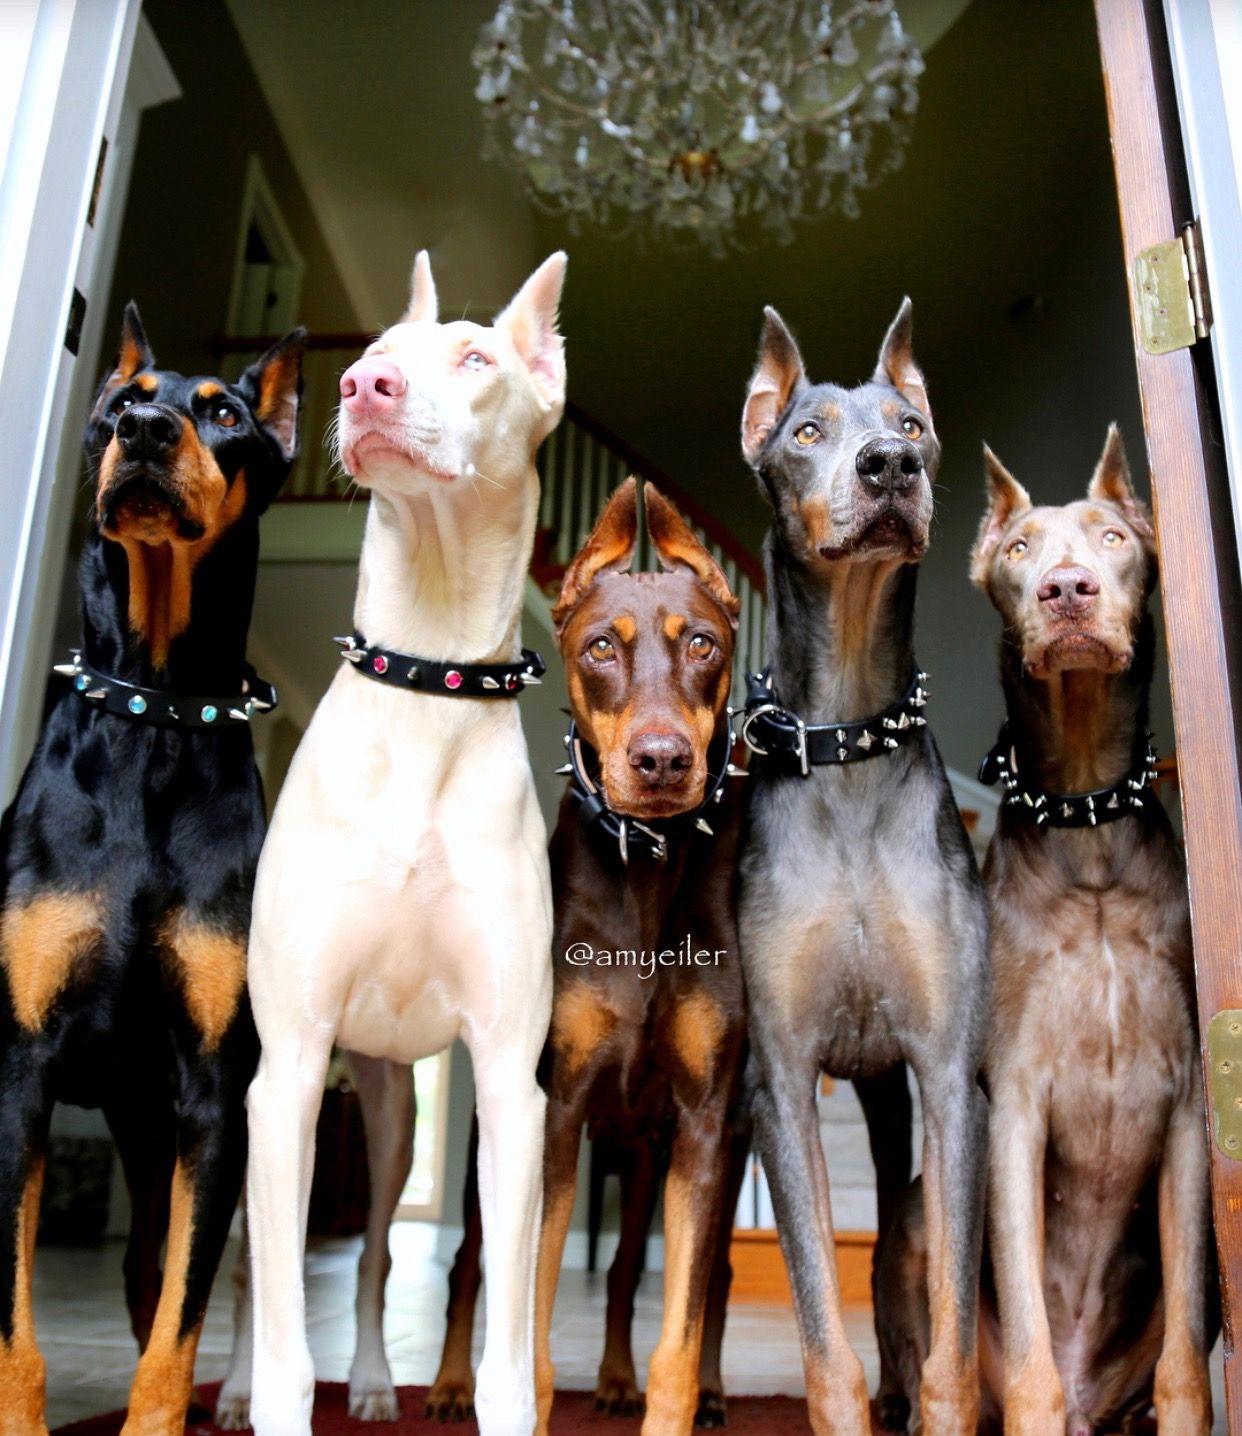 The Multicolour Doberman Gang S All Here Doberman Pinscher Dog